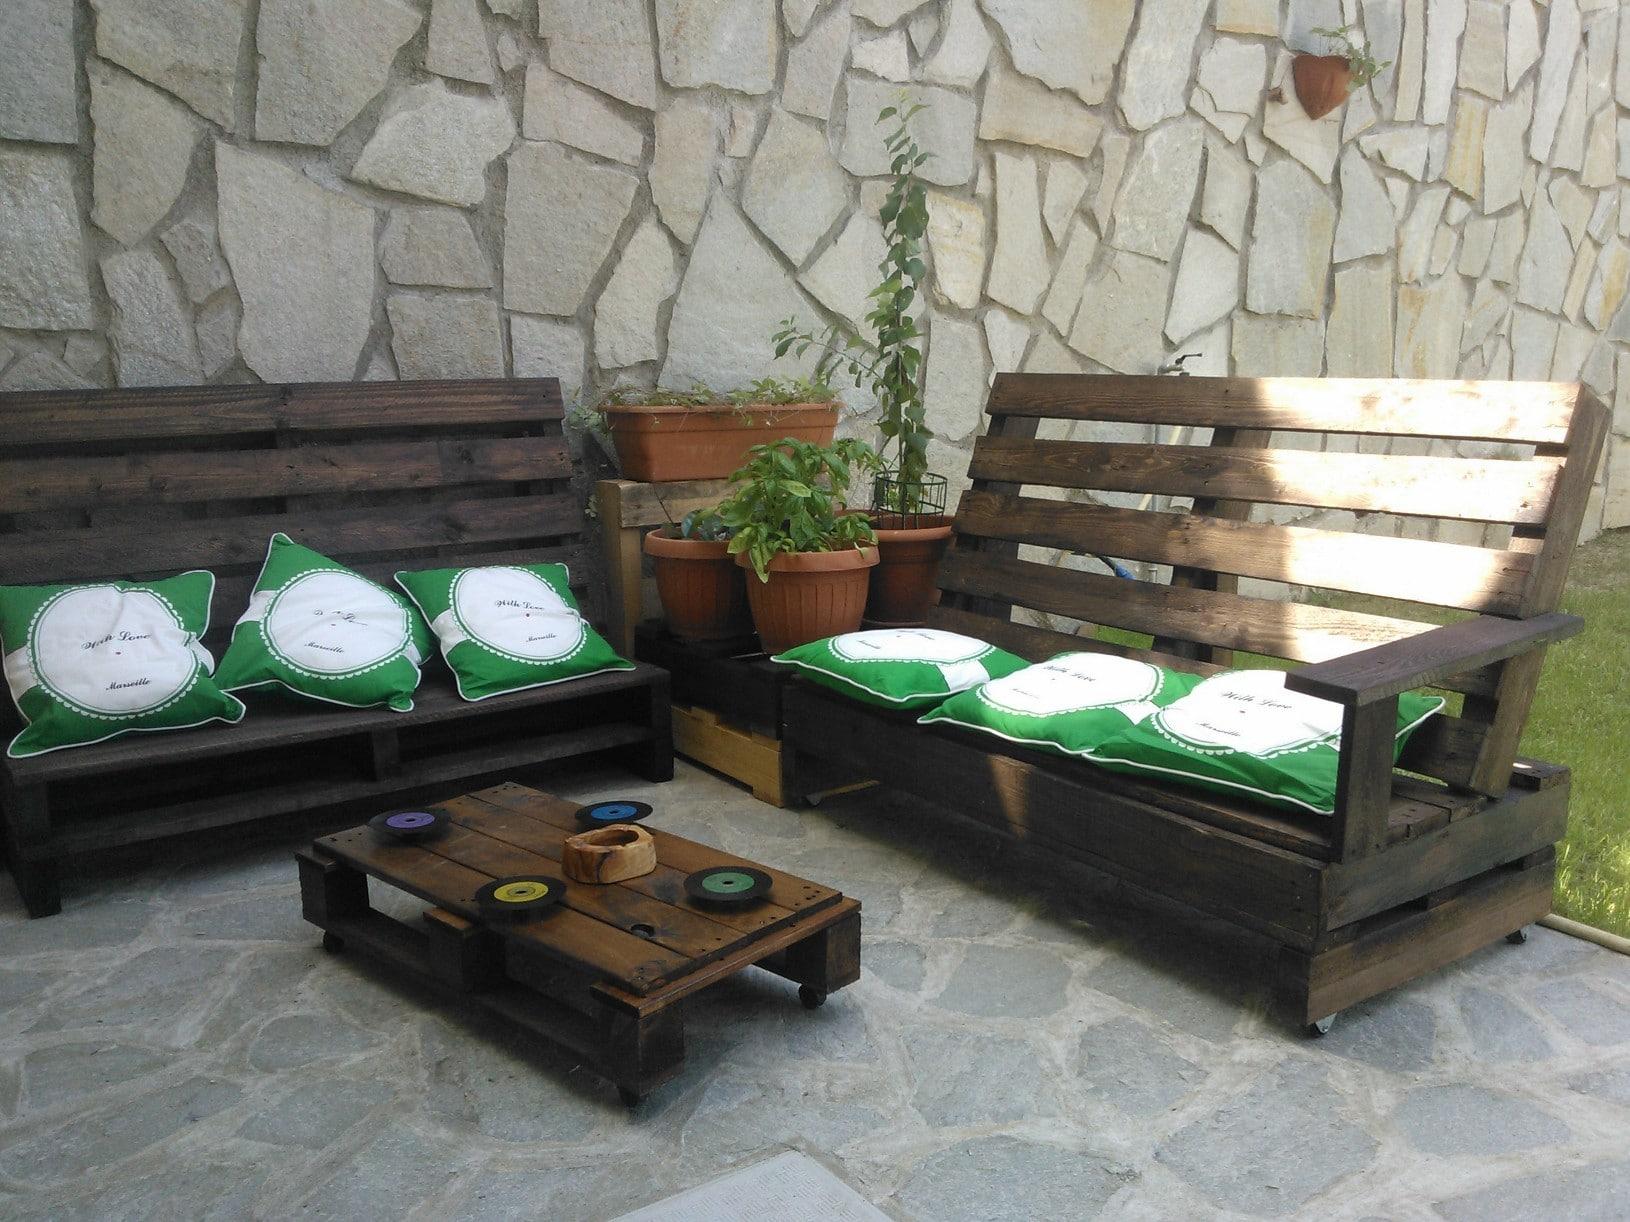 Arredo da giardino idee sostenibili e low cost scegliere il ricambio - Mobili da giardino low cost ...